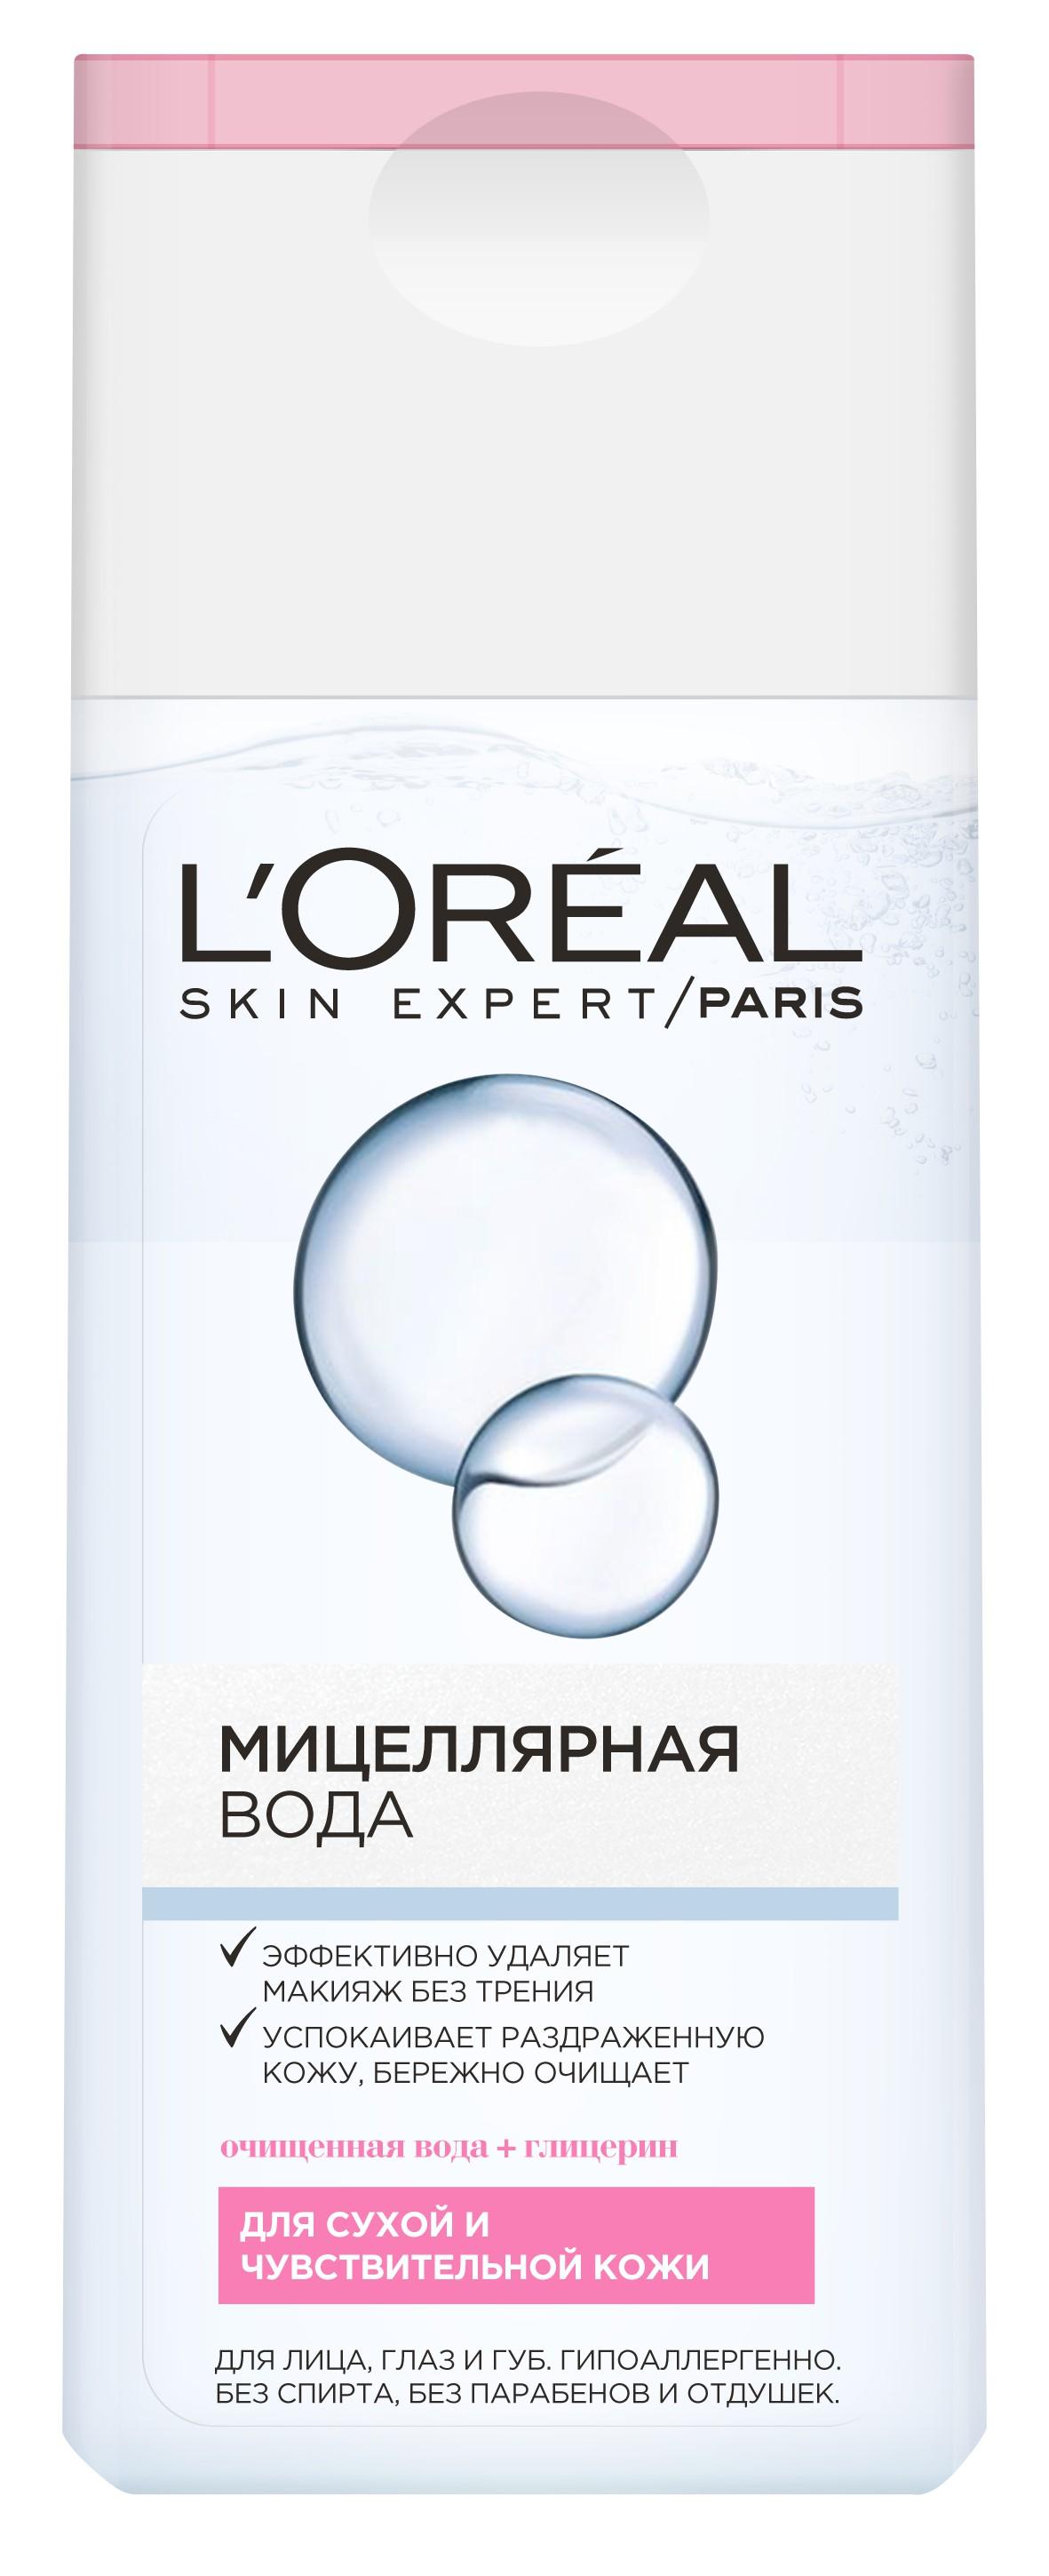 LOreal Paris Мицеллярная вода для снятия макияжа, для сухой и чувствительной кожи, гипоаллергенно, 200 млFS-54115Мицеллярная вода для кожи эффективно и бережно удаляет макияж и загрязнения без трения благодаря мицеллам, захватывающим загрязнения. Средство обладает успокаивающим действием. Без лишнего трения мицеллярная вода бережно очищает кожу лица, губ и деликатную область вокруг глаз. Мицеллярная вода для лица- это больше, чем просто удаление макияжа и очищение. Формула на основе очищенной воды, обогащенная глицерином, обладает успокаивающим действием, бережно удаляет макияж.